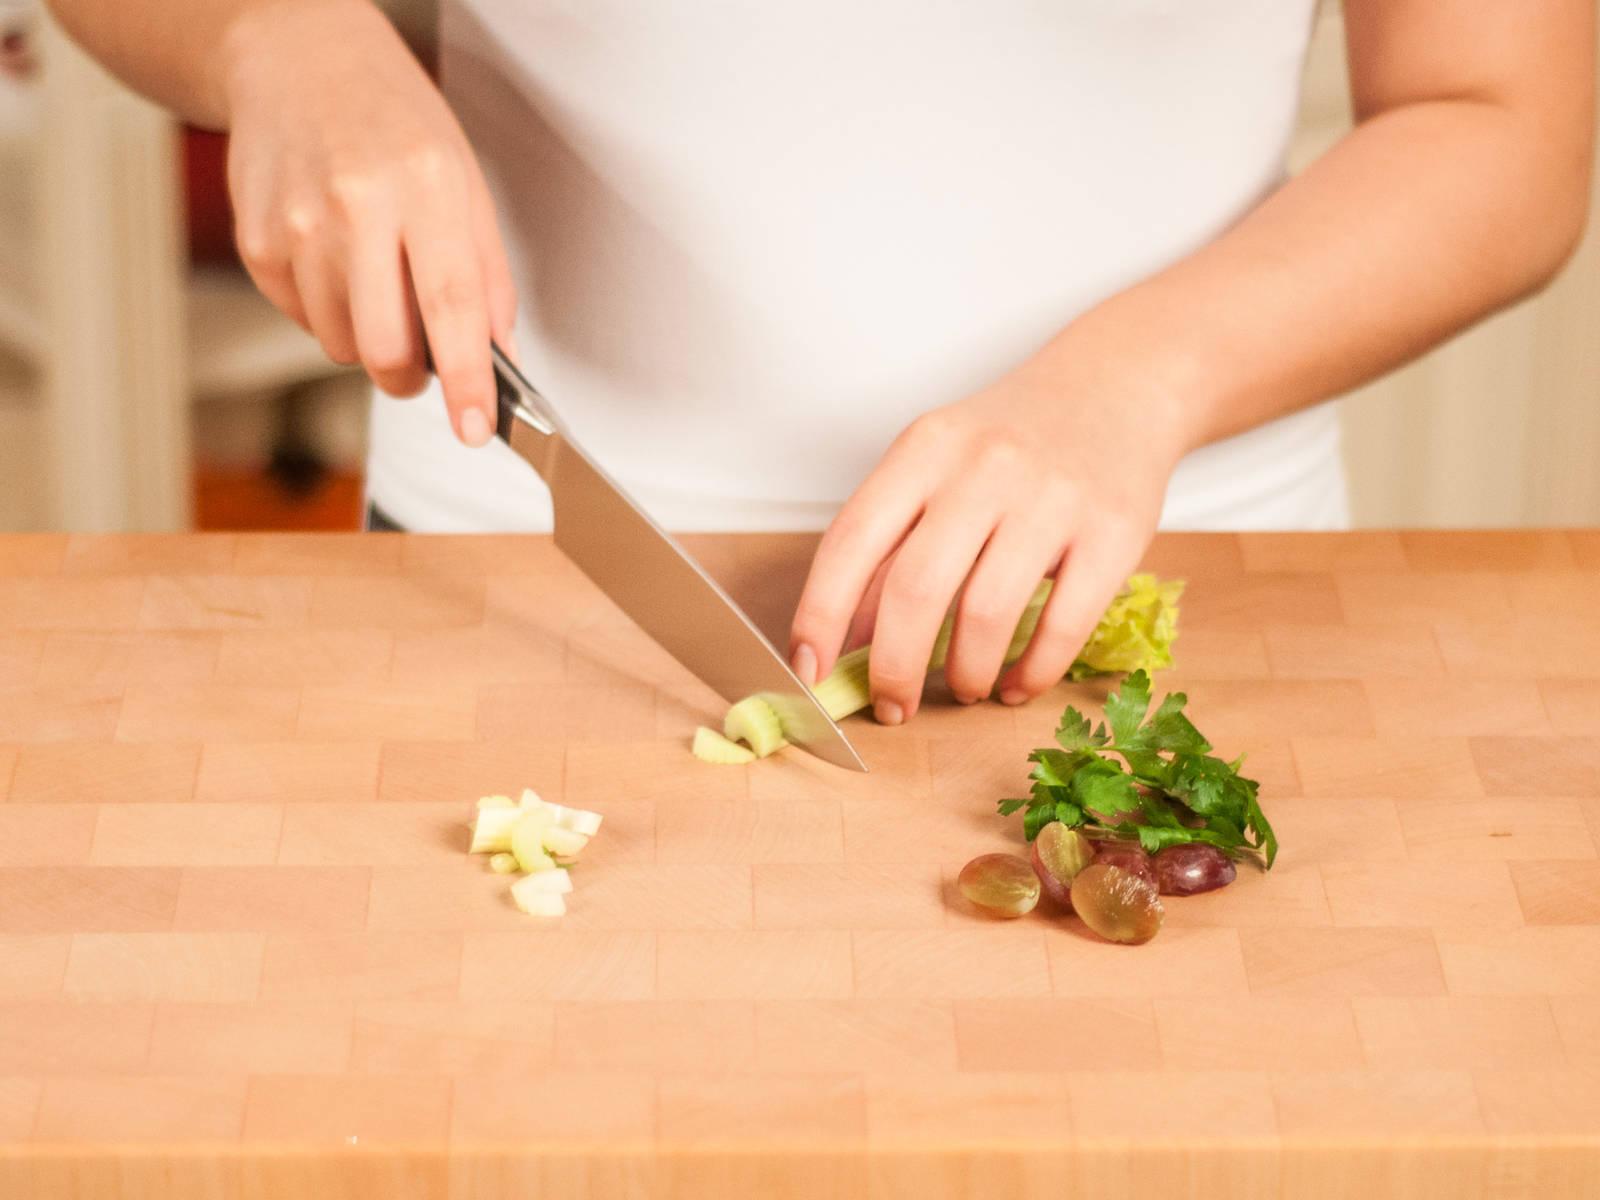 将欧芹粗粗剁碎,葡萄切成两半,芹菜茎切成薄片。